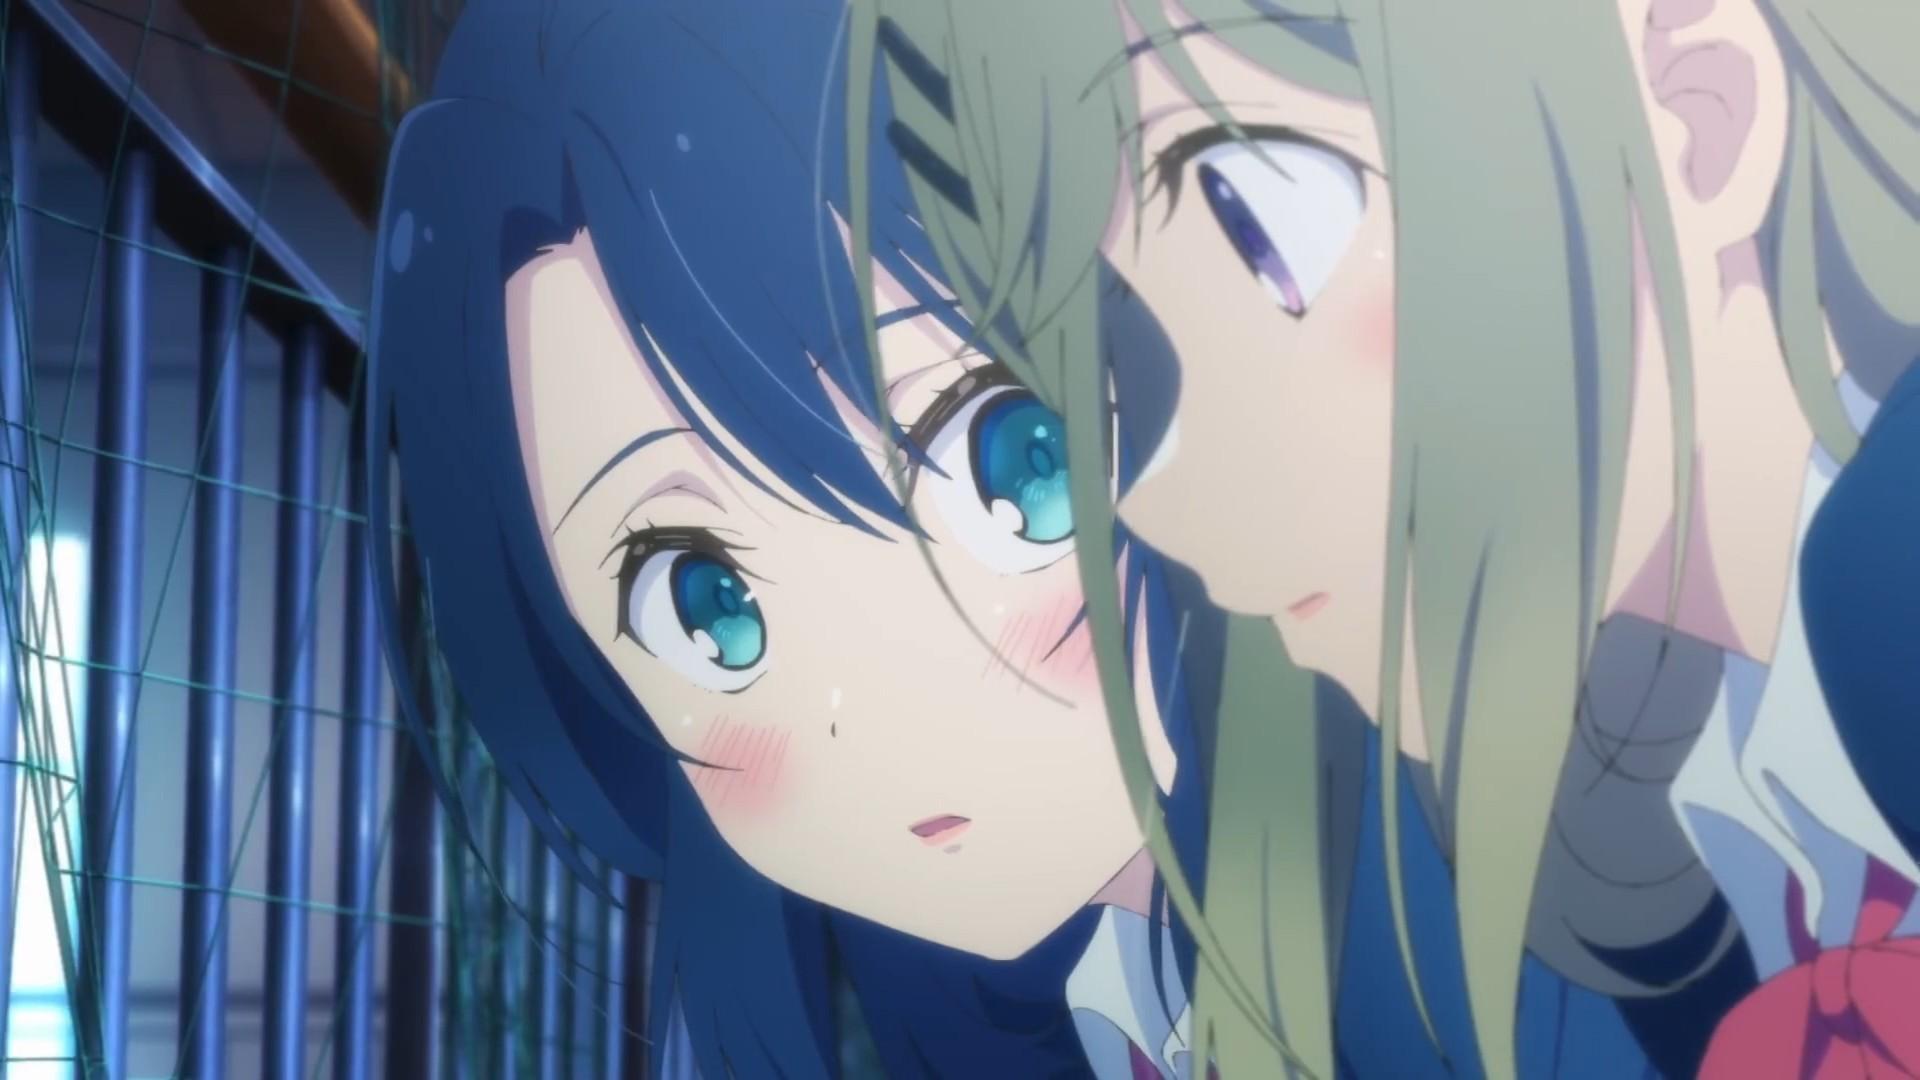 【动漫情报】TV动画《安达与岛村》公开第3弹PV,本作将于10月8日放送。